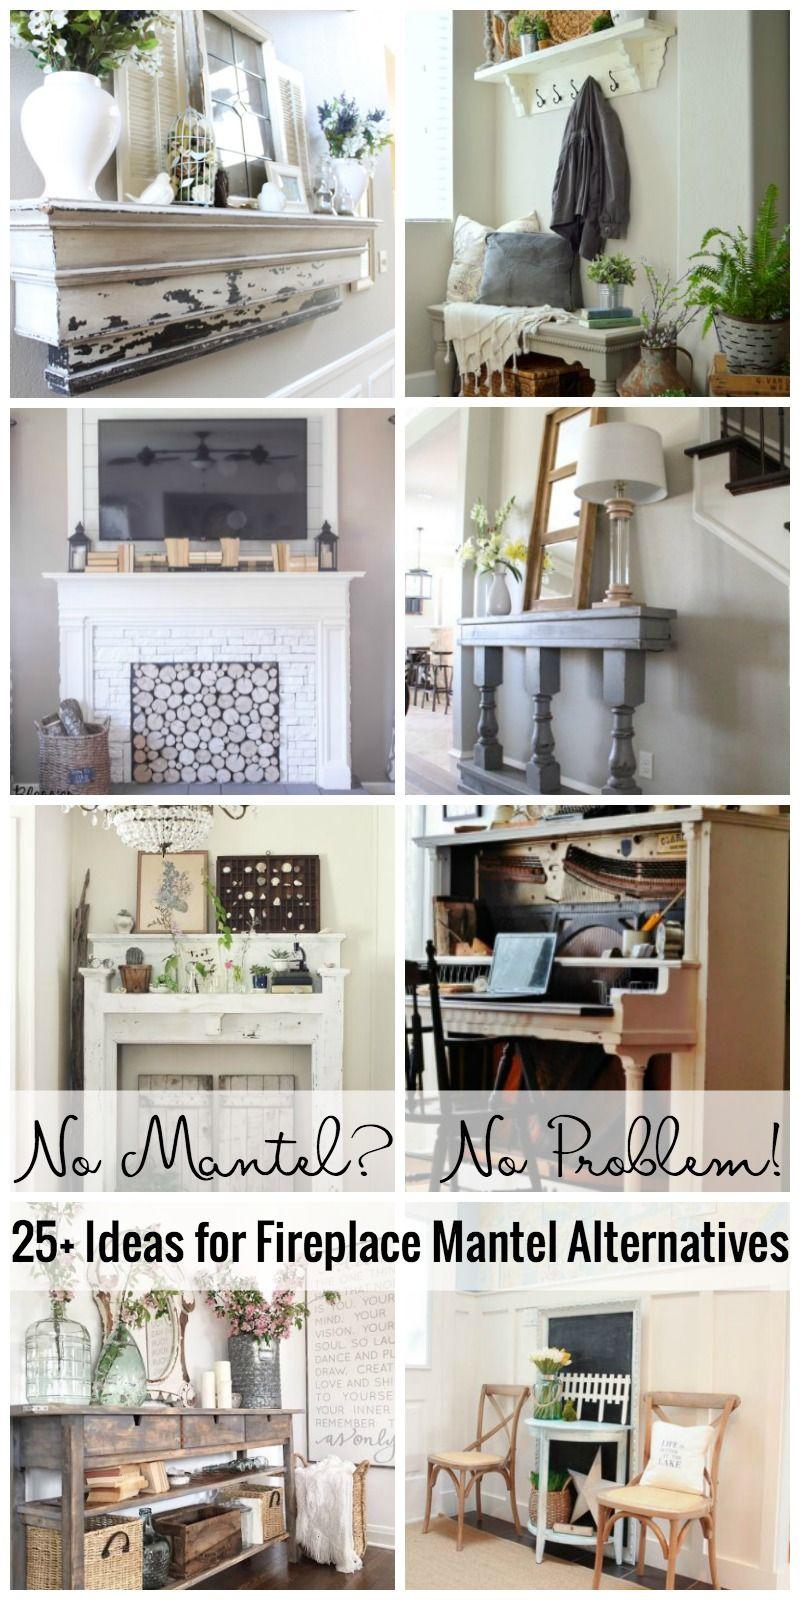 No Mantel No Problem! 25+ Ideas For Fireplace Mantel Alternatives ...